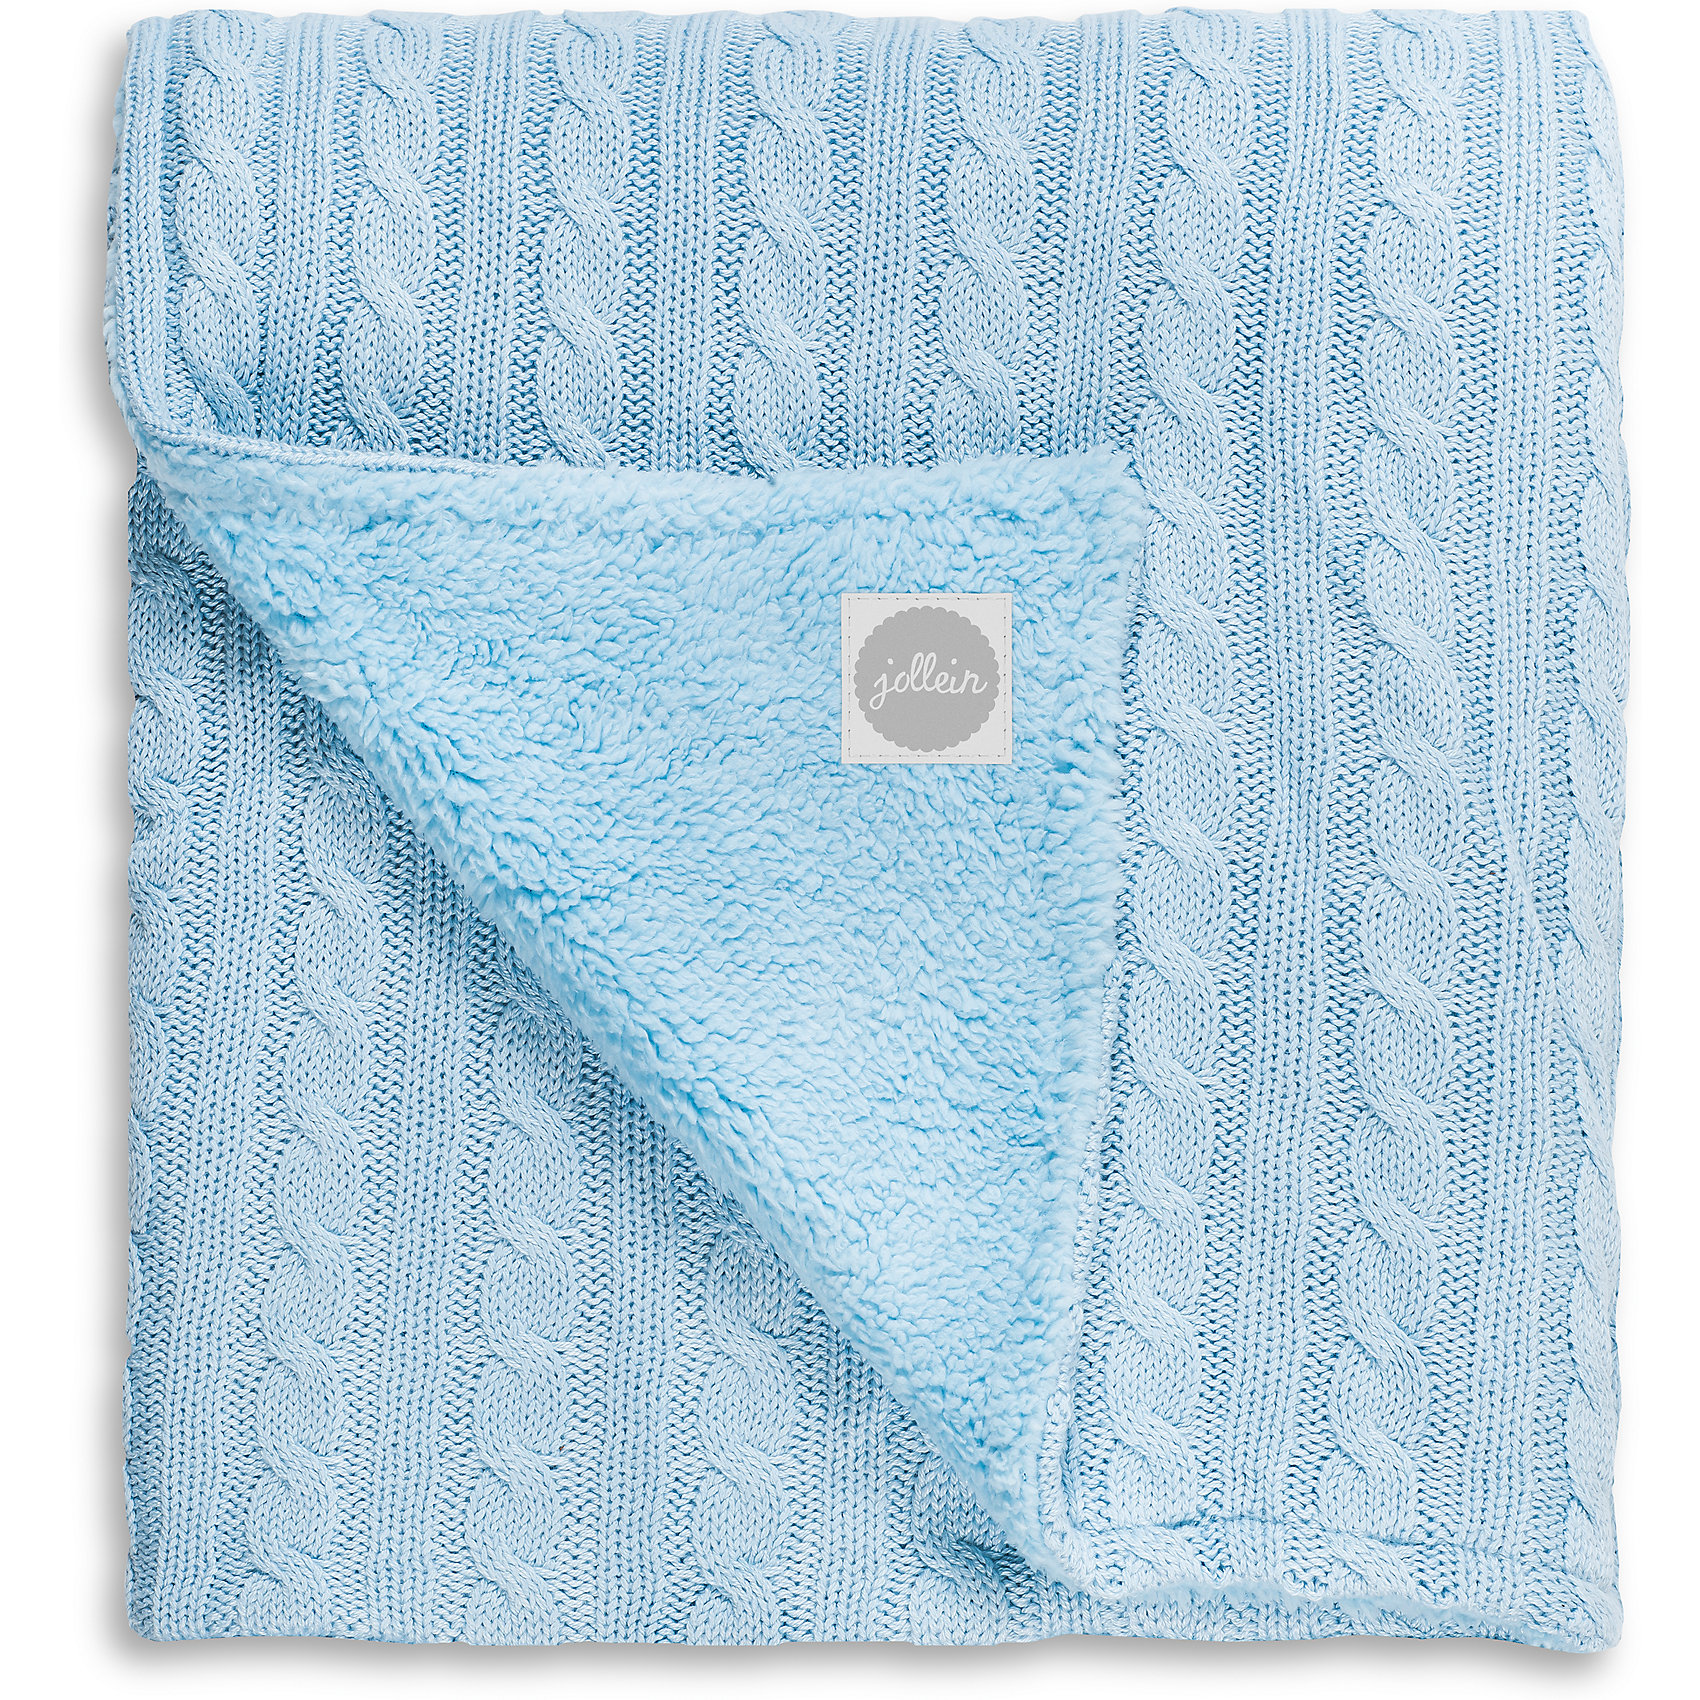 Вязаный плед (косичка) с мехом 75х100 см, Jollein, Light blueРоскошный вязаный плед с мехом обеспечит Вашему малышу тепло и уют в прохладную погоду. Сочетание меха и вязанных кос смотрится очень модно и стильно. Ваш малыш будет смотреться эффектно и празднично. Украсьте таким пледом детскую кроватку, коляску. Отличный подарок на рождение, на выписку. Состав: 50 % хлопок, 50 % акрил, мех из мягкой шерпы (искусственный мех). В сочетании хлопка с акрилом акрил делает плед теплее, прочнее, легче и практичнее. Акрил называют искусственной шерстью. Сама ткань (акрил) обладает гипоаллергенными и антибактериальными свойствами. Ко всему тому, акрил имеет свойство не притягивать пыль, а потому использование пледа из такого материала будет прекрасным выходом из ситуации для аллергиков - он легче отстирывается и быстрее сохнет. А хлопок улучшает гигроскопичность и дышащие качества такого пледа. Размер: 75х100см. Уход: рекомендуется стирка при 40 градусах.<br><br>Ширина мм: 350<br>Глубина мм: 270<br>Высота мм: 60<br>Вес г: 550<br>Возраст от месяцев: 0<br>Возраст до месяцев: 36<br>Пол: Унисекс<br>Возраст: Детский<br>SKU: 5367174